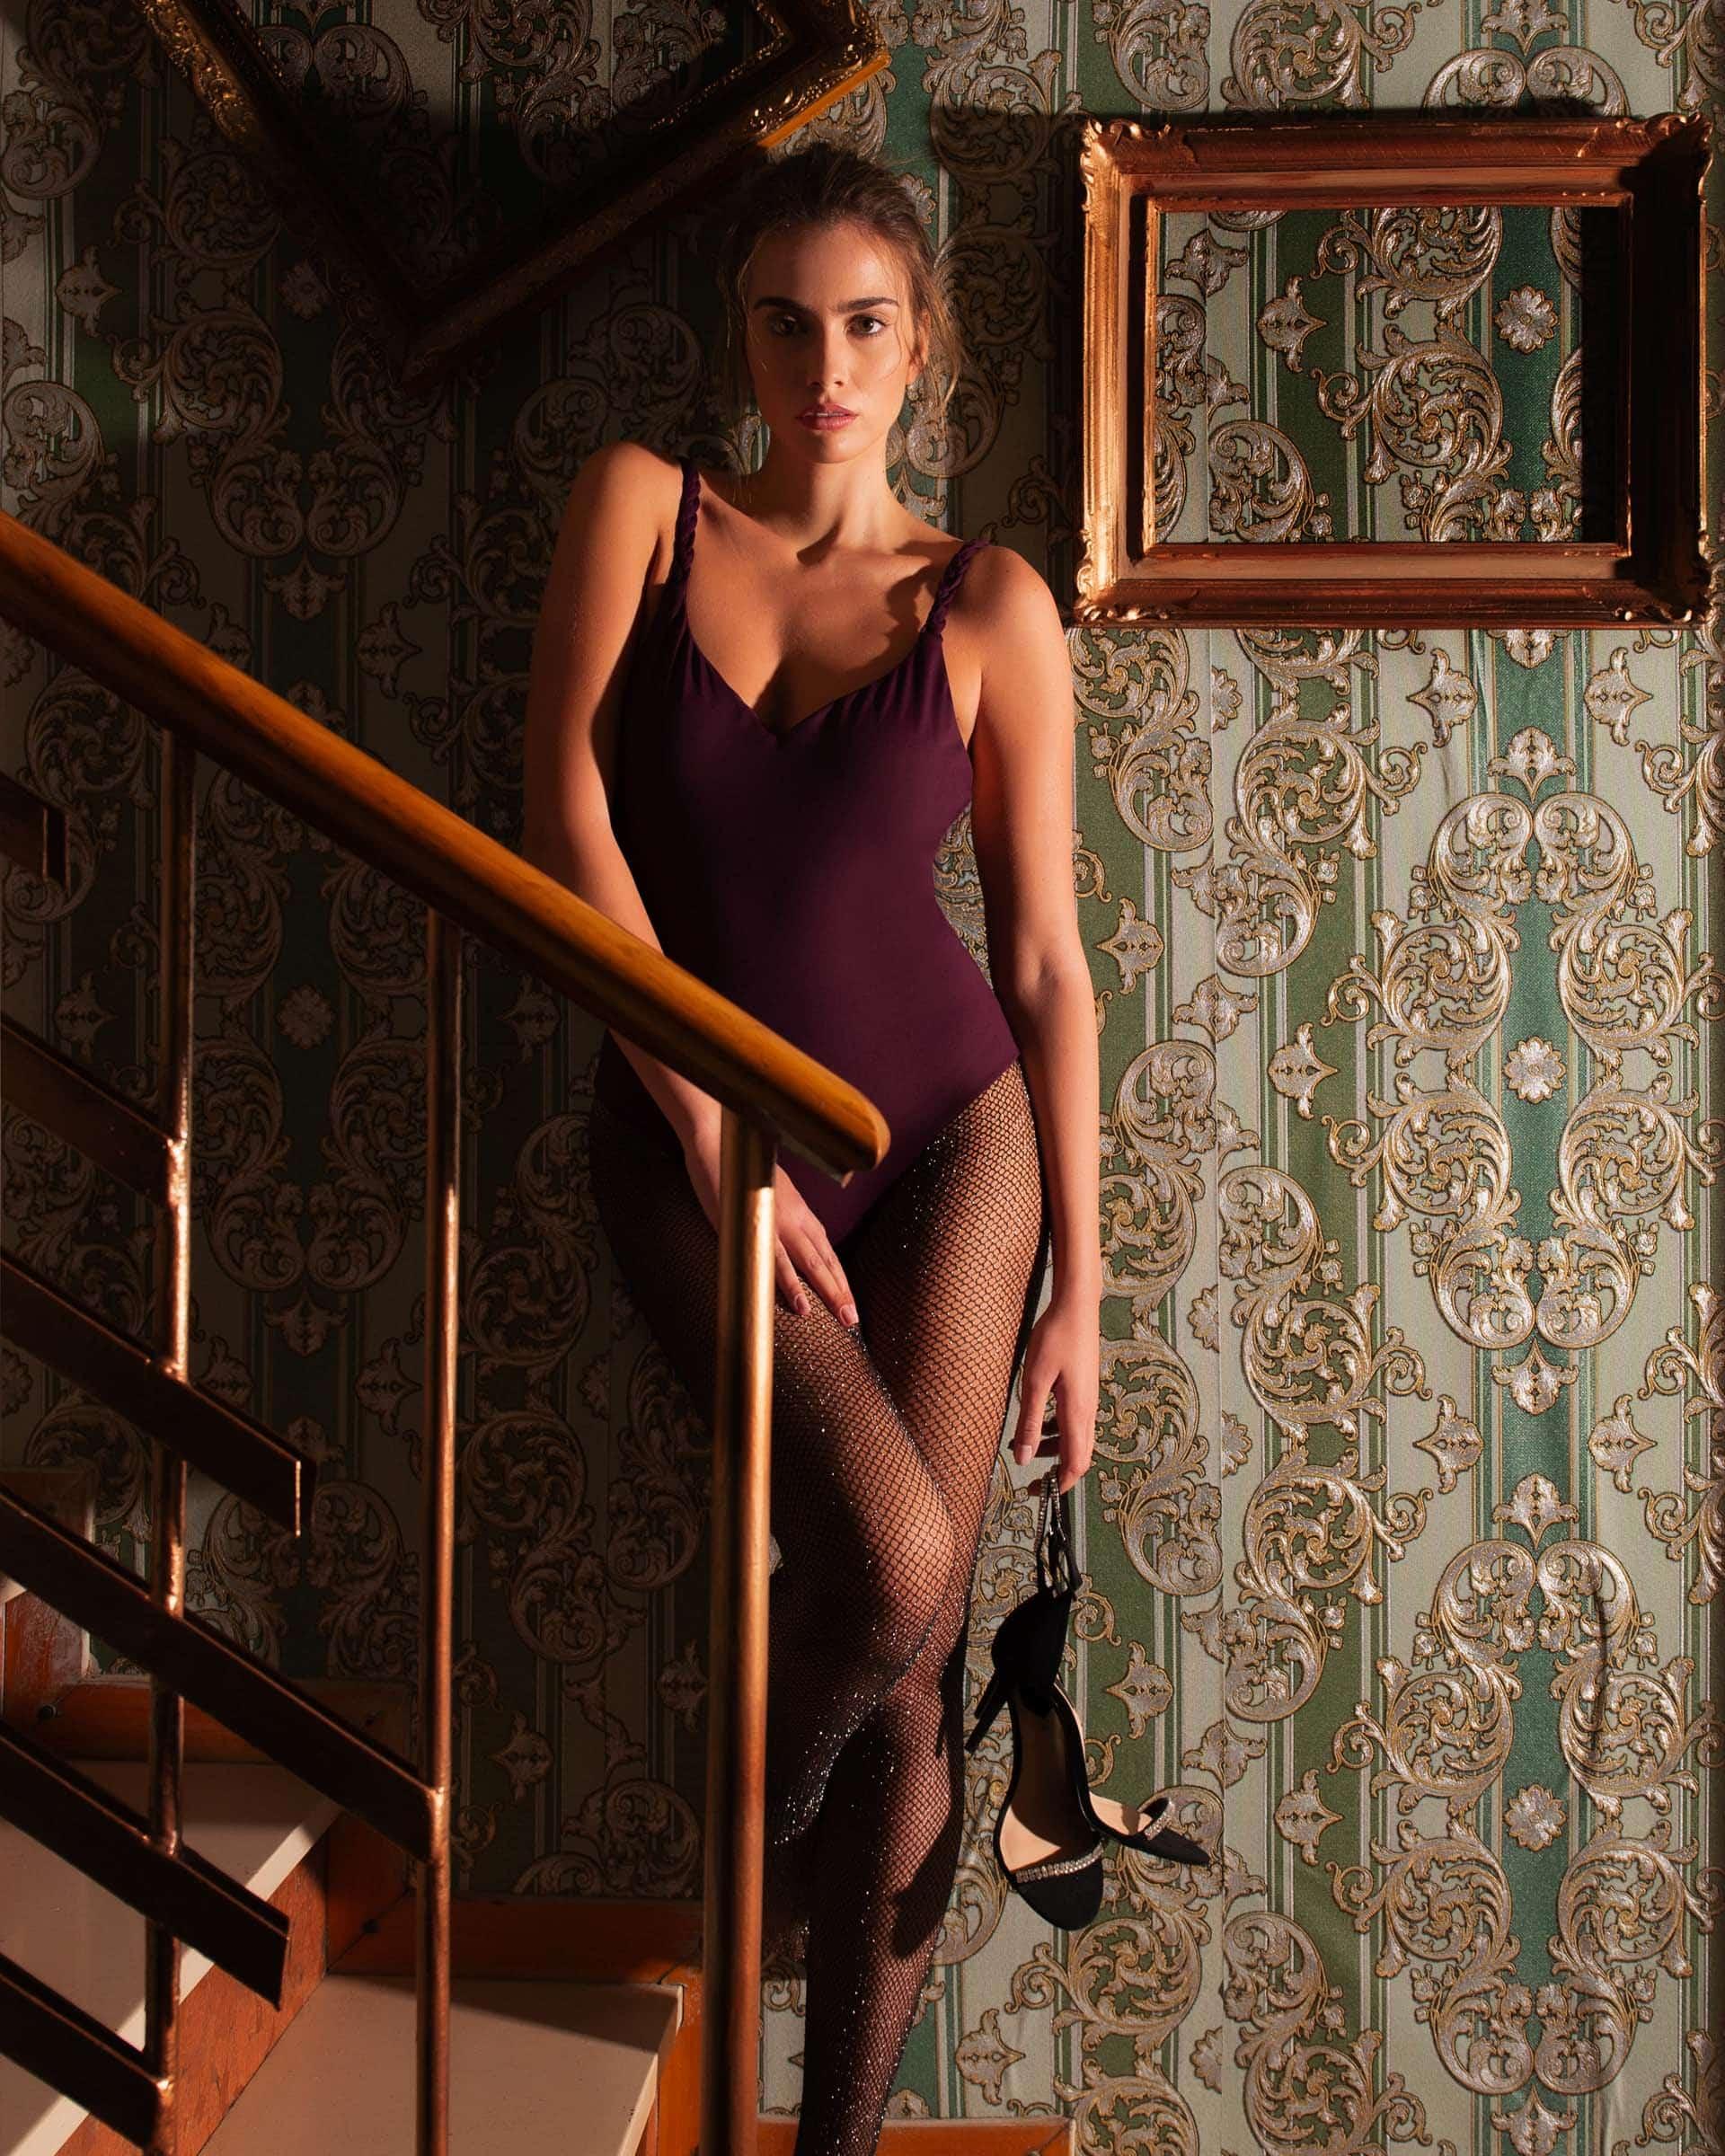 kinda 3d swimwear xmas 2019 collection christmas limited edition swimwear #iamlimitededition christmas bodysuit new year eve bodysuit bikini plum swimsuit plum bodysuit calzedonia